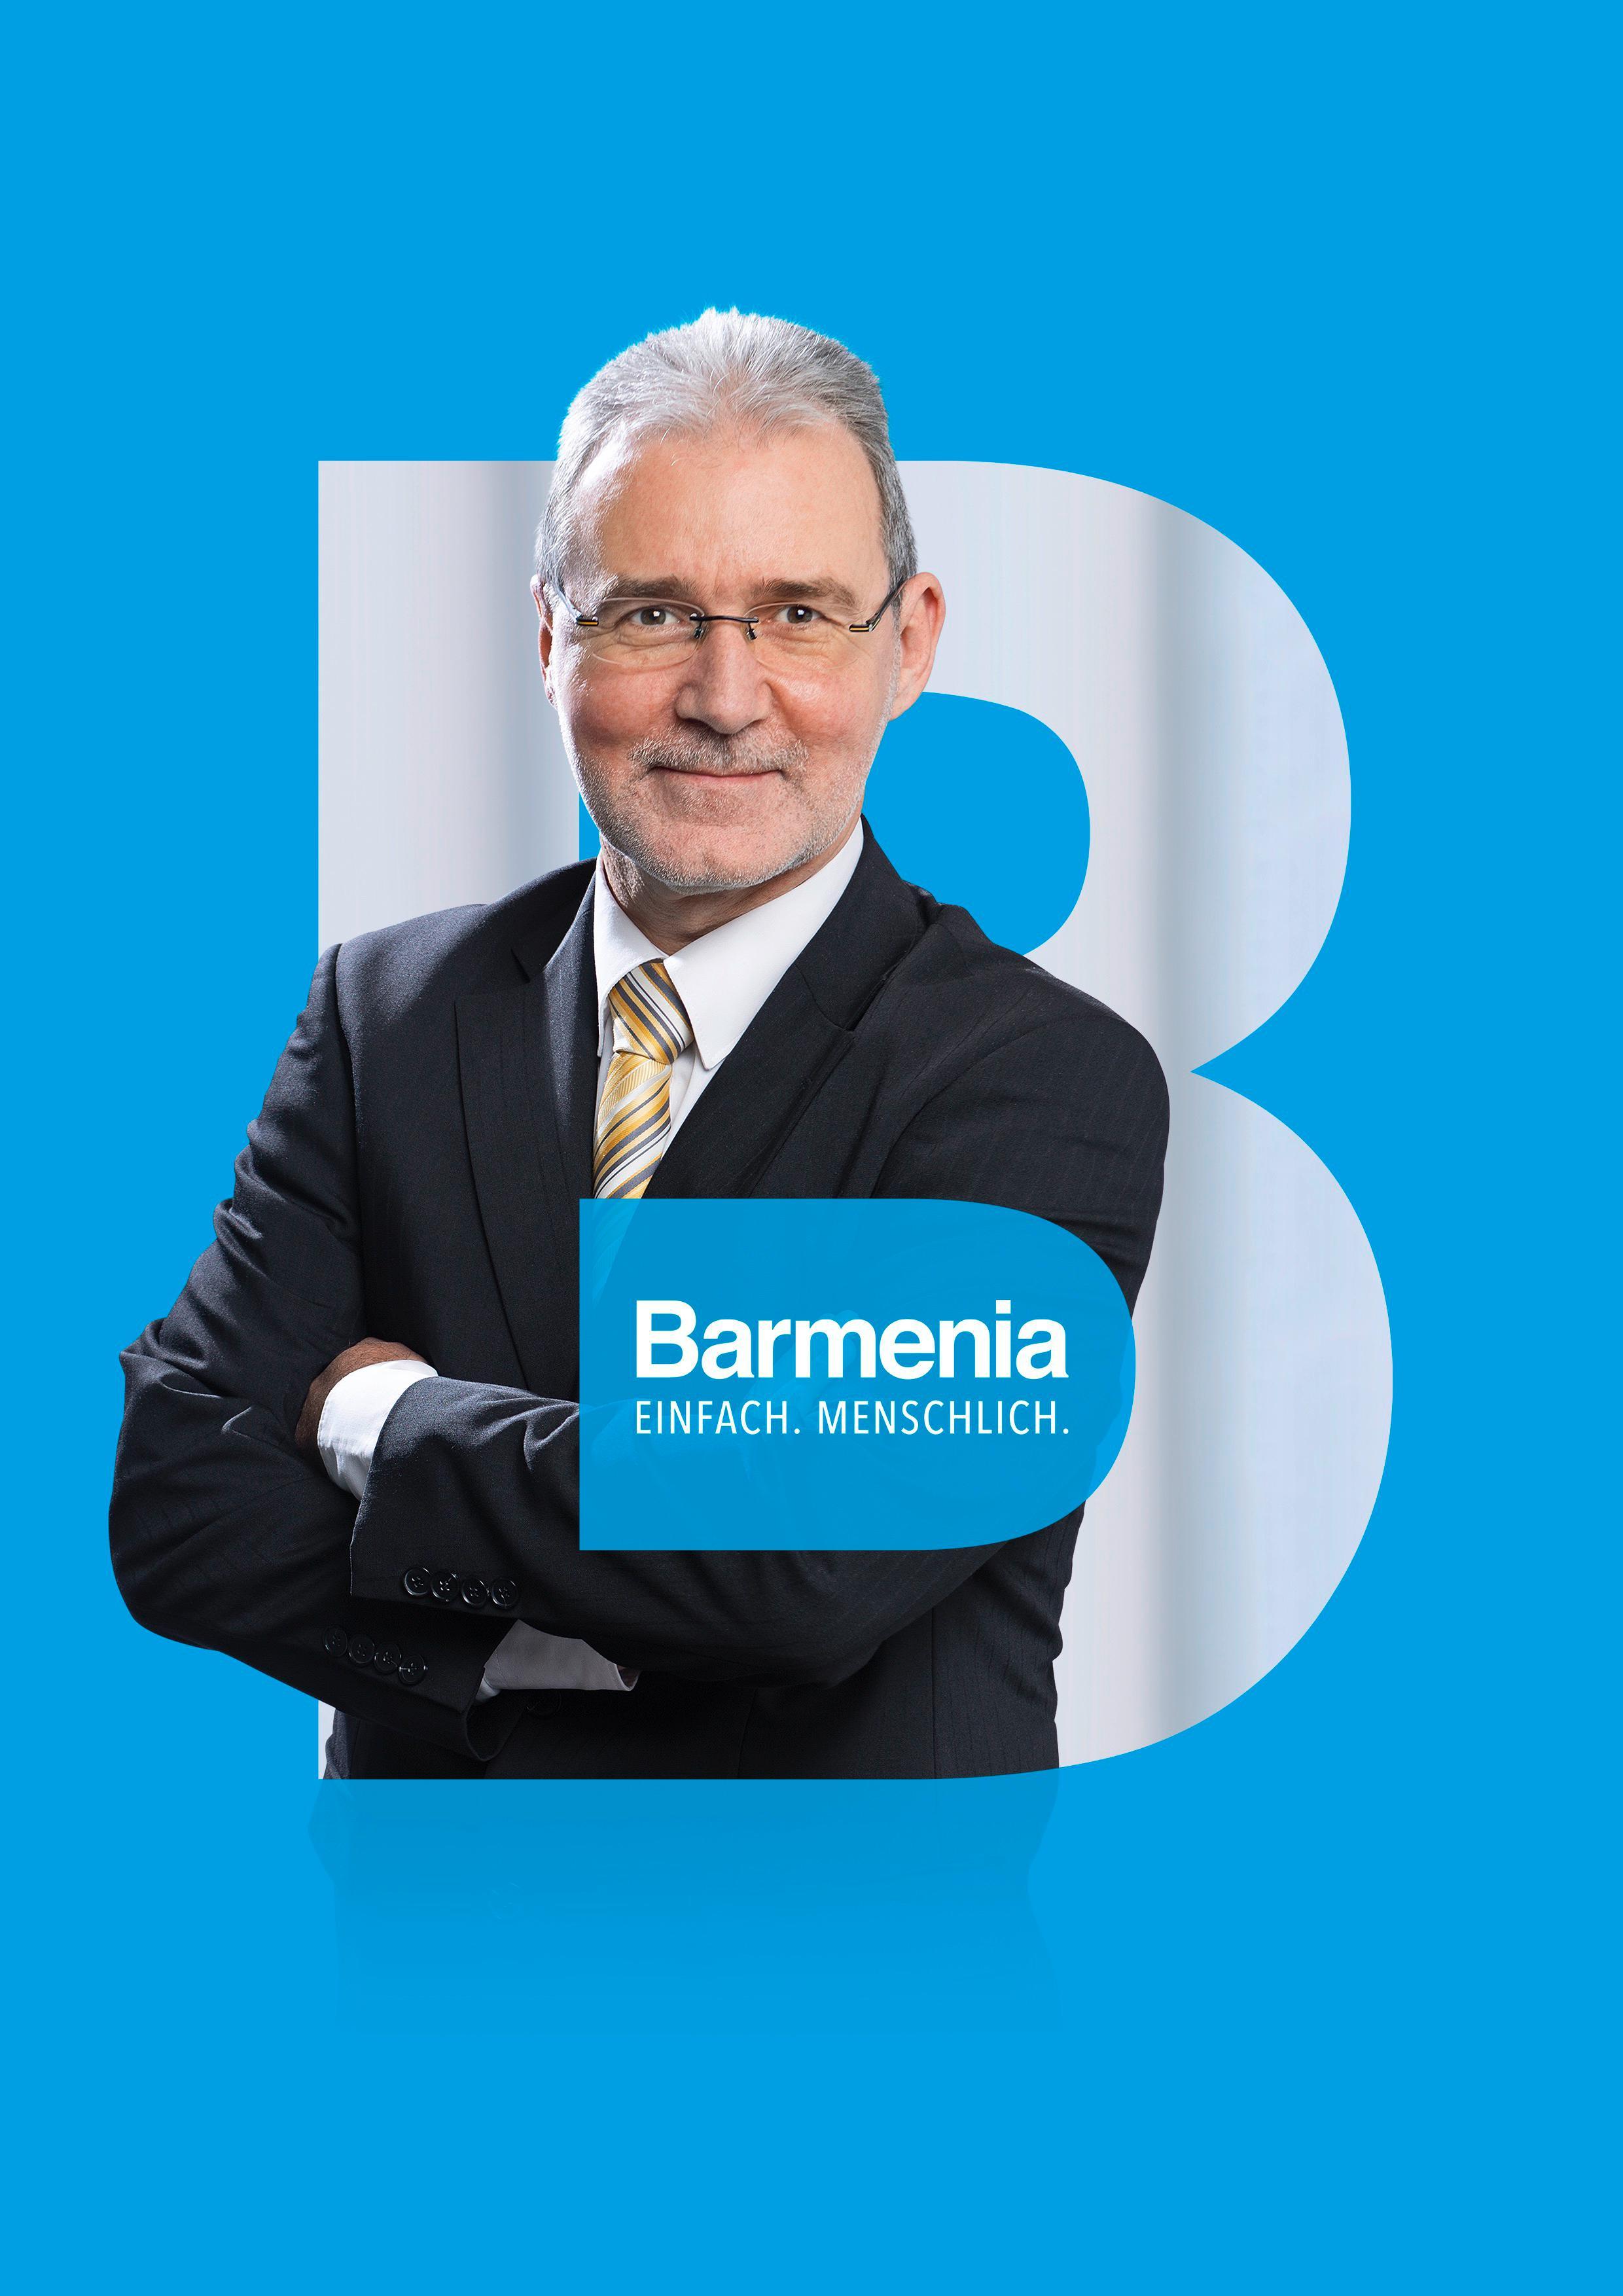 Barmenia Versicherung - Achim Wernet, Talstr. 2 in Freiburg im Breisgau